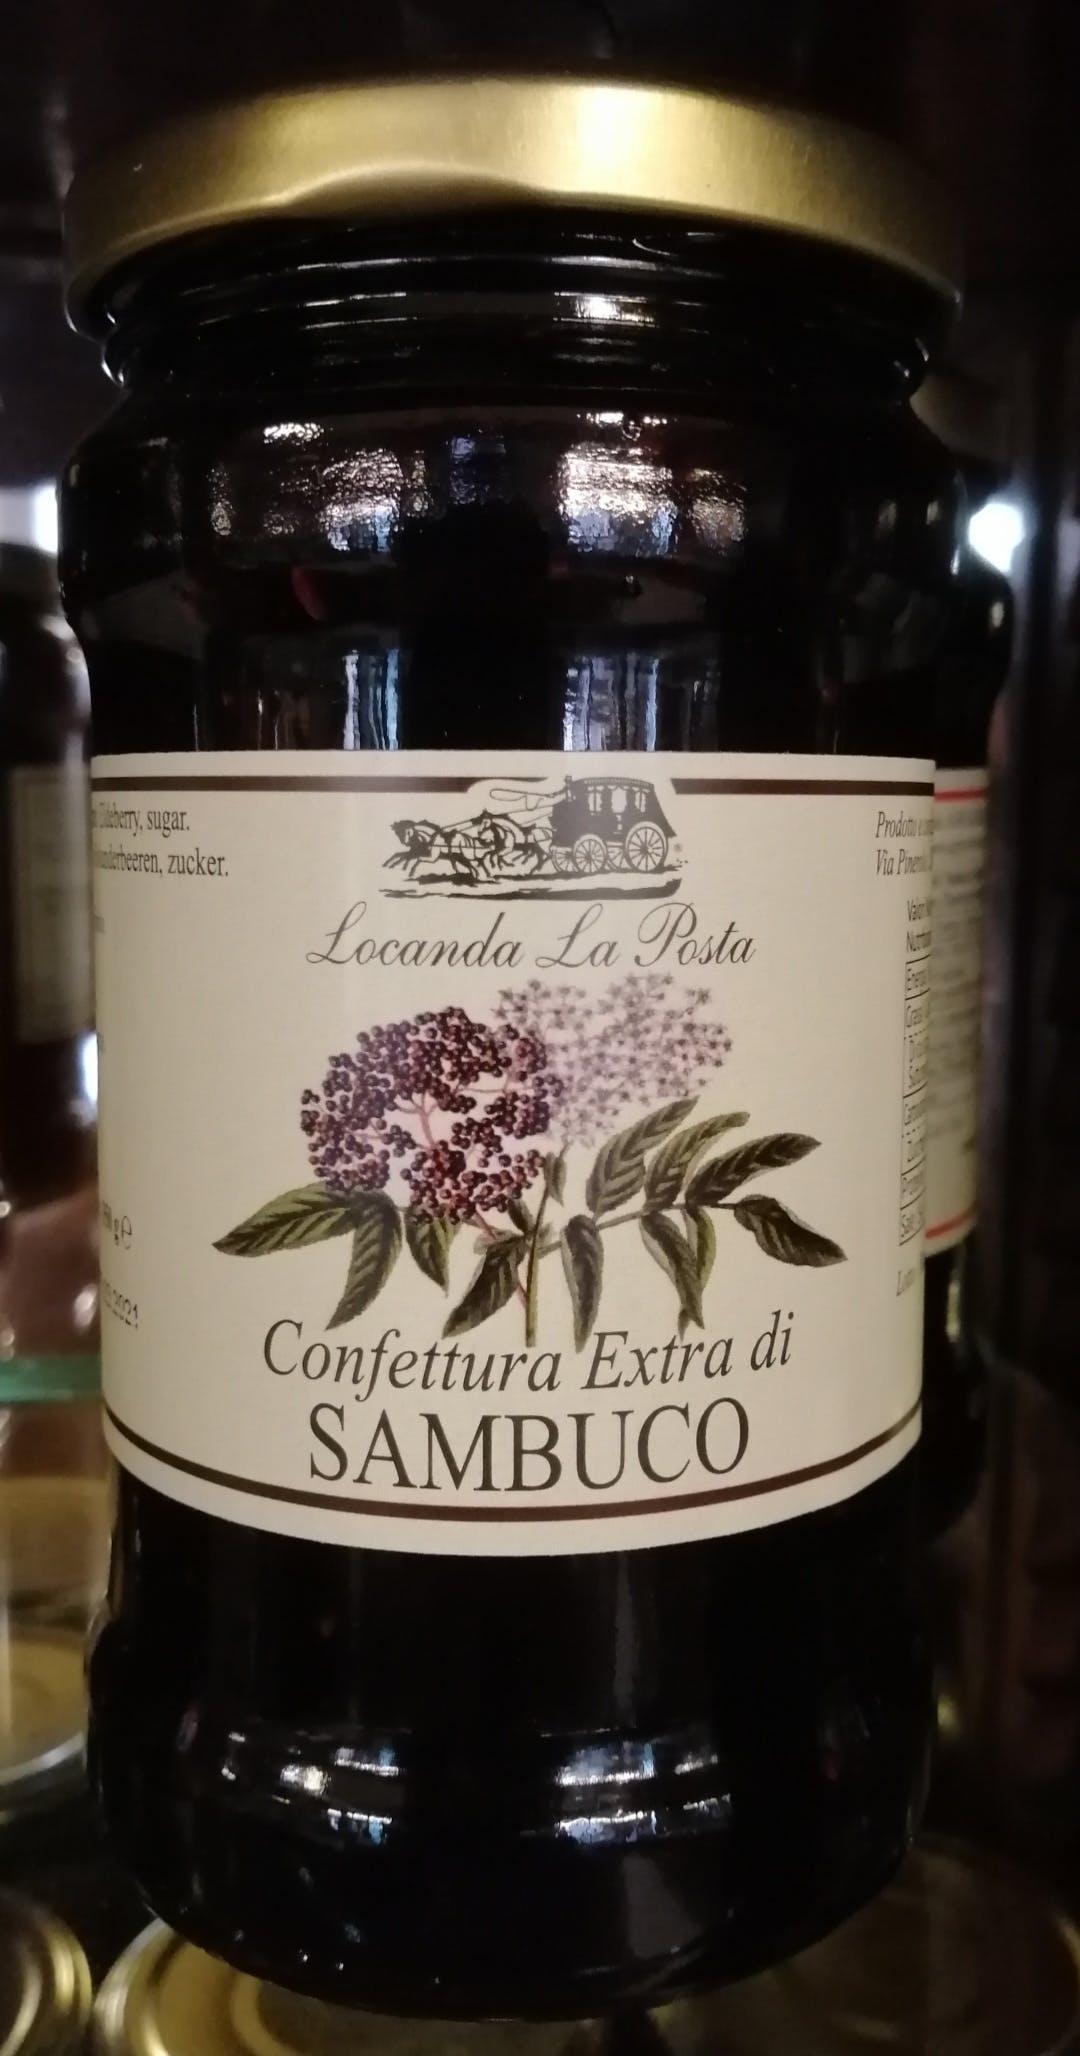 Sambuco, Confettura extra